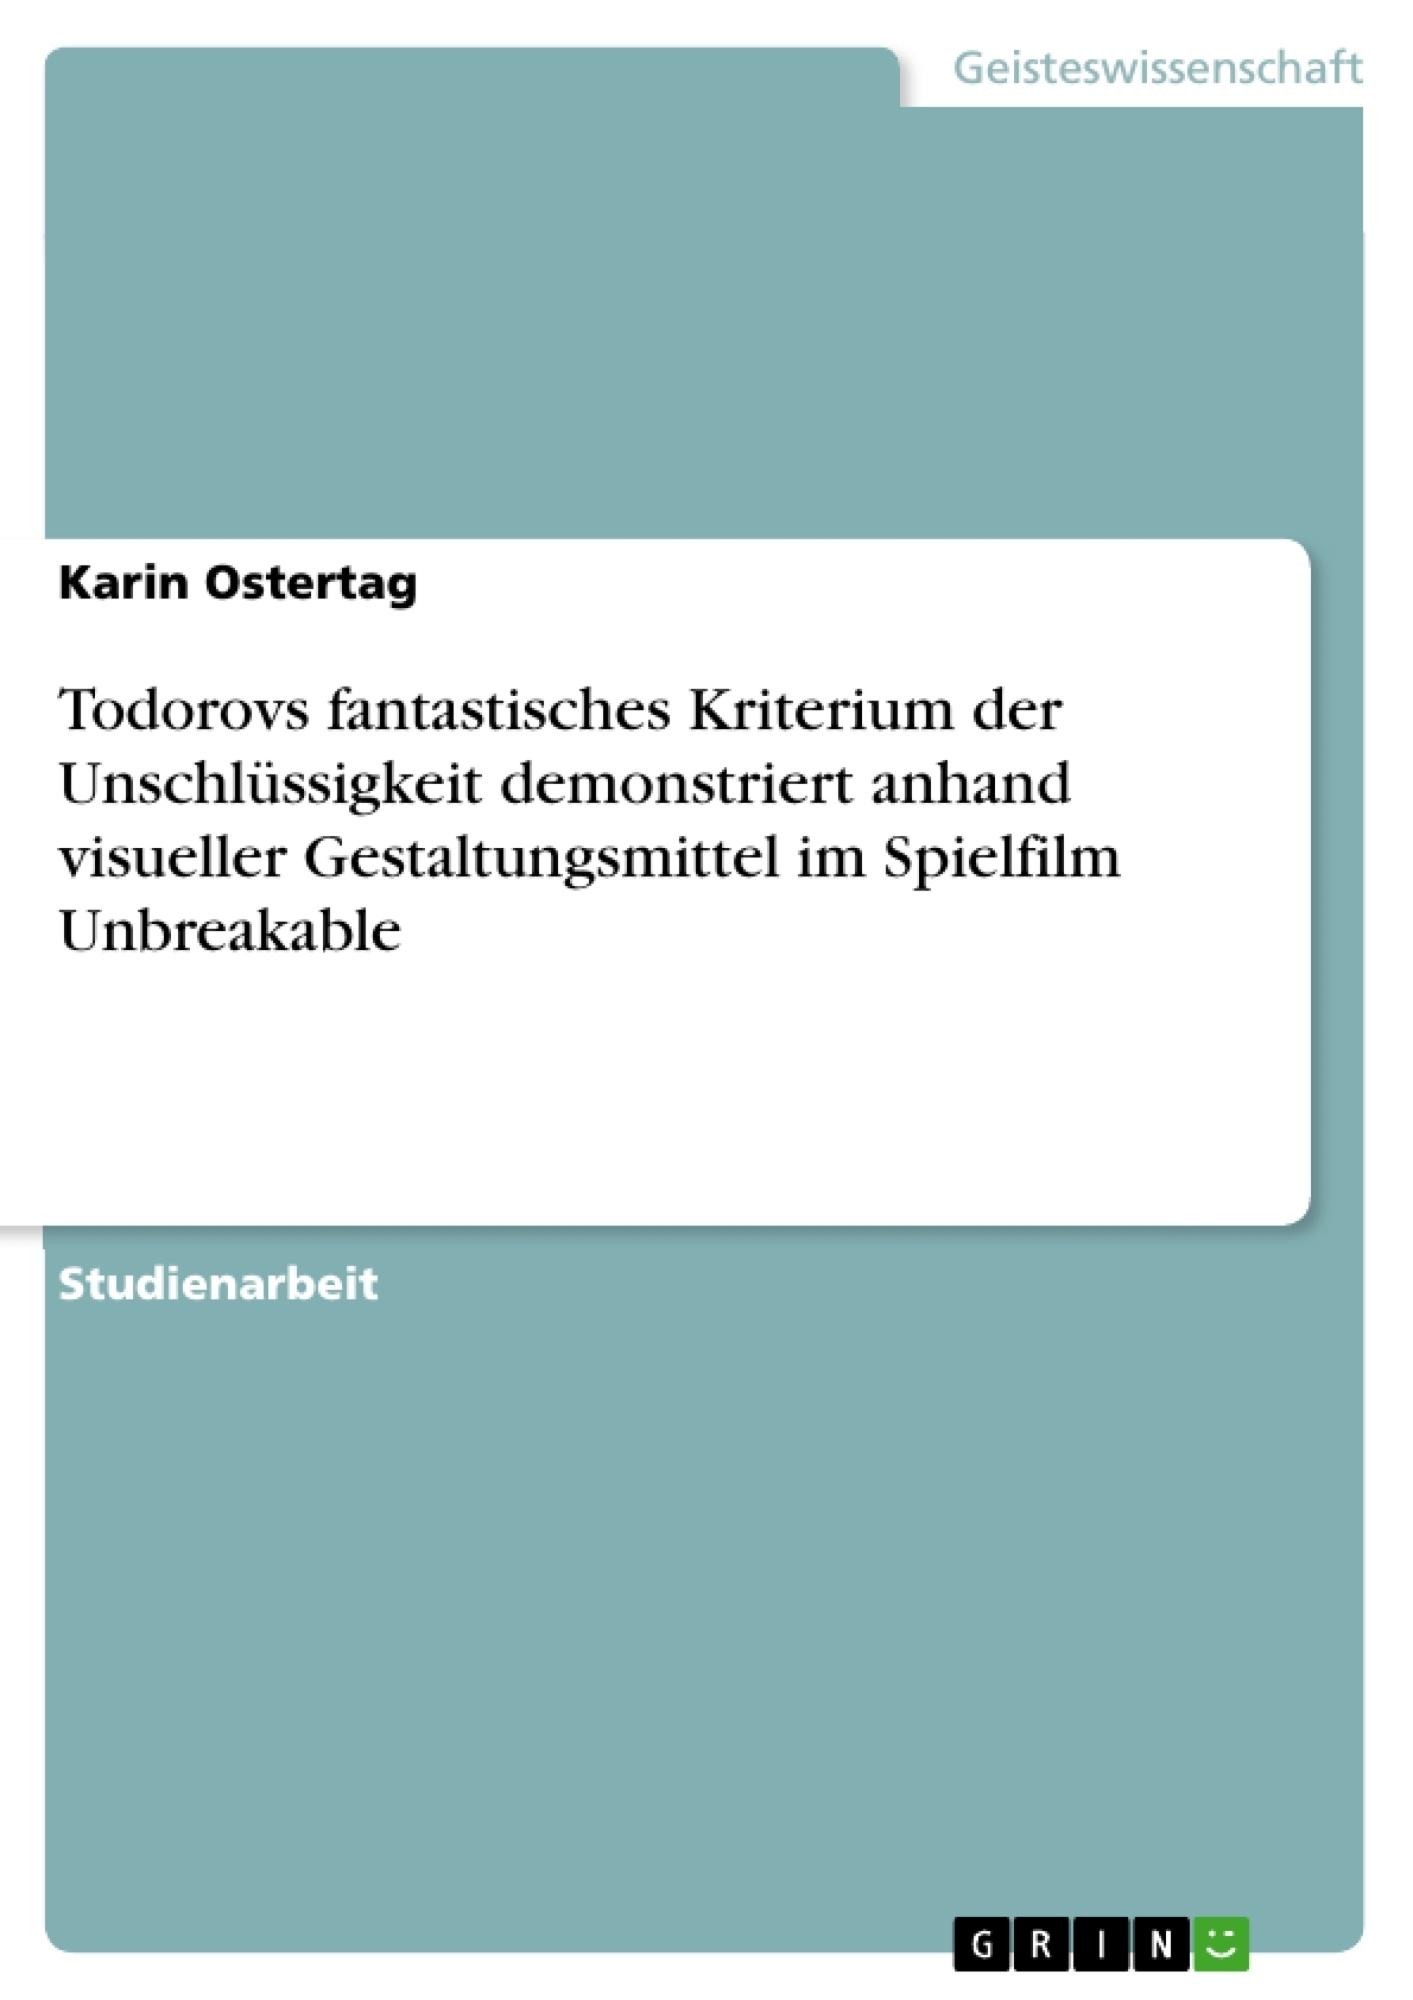 Titel: Todorovs fantastisches Kriterium der  Unschlüssigkeit  demonstriert anhand visueller Gestaltungsmittel im Spielfilm  Unbreakable